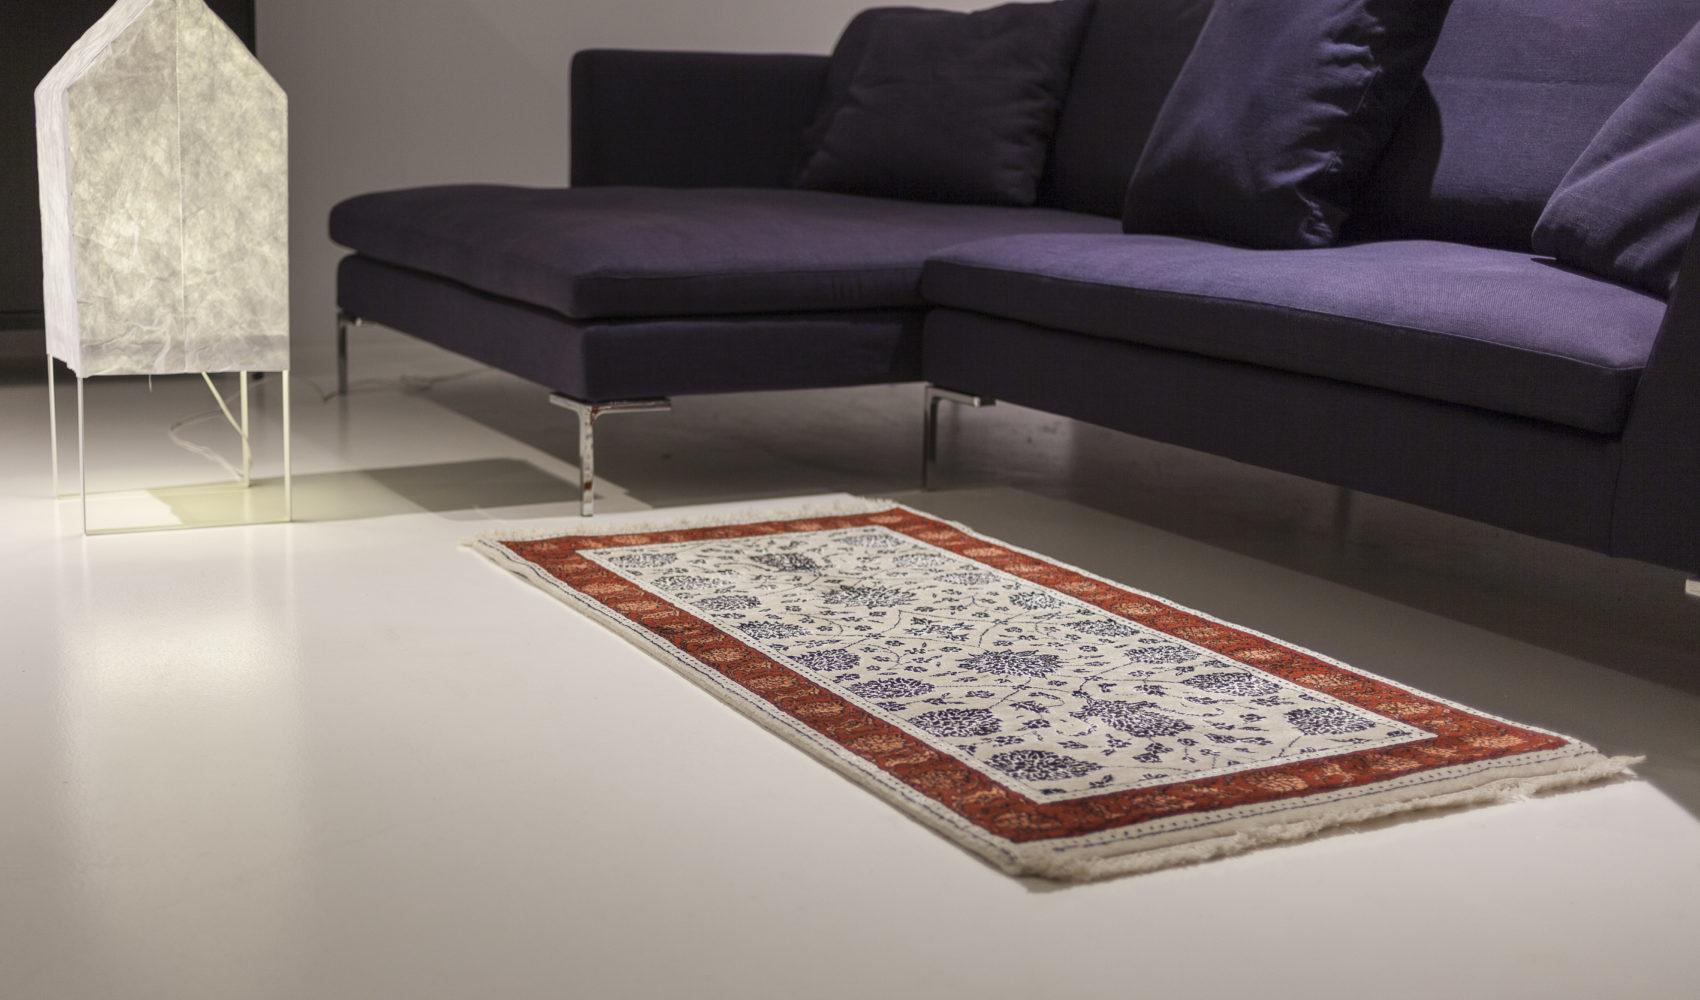 Sarmatia Trading Dywany Indyjskie Oryginalne Dywany Wełniane